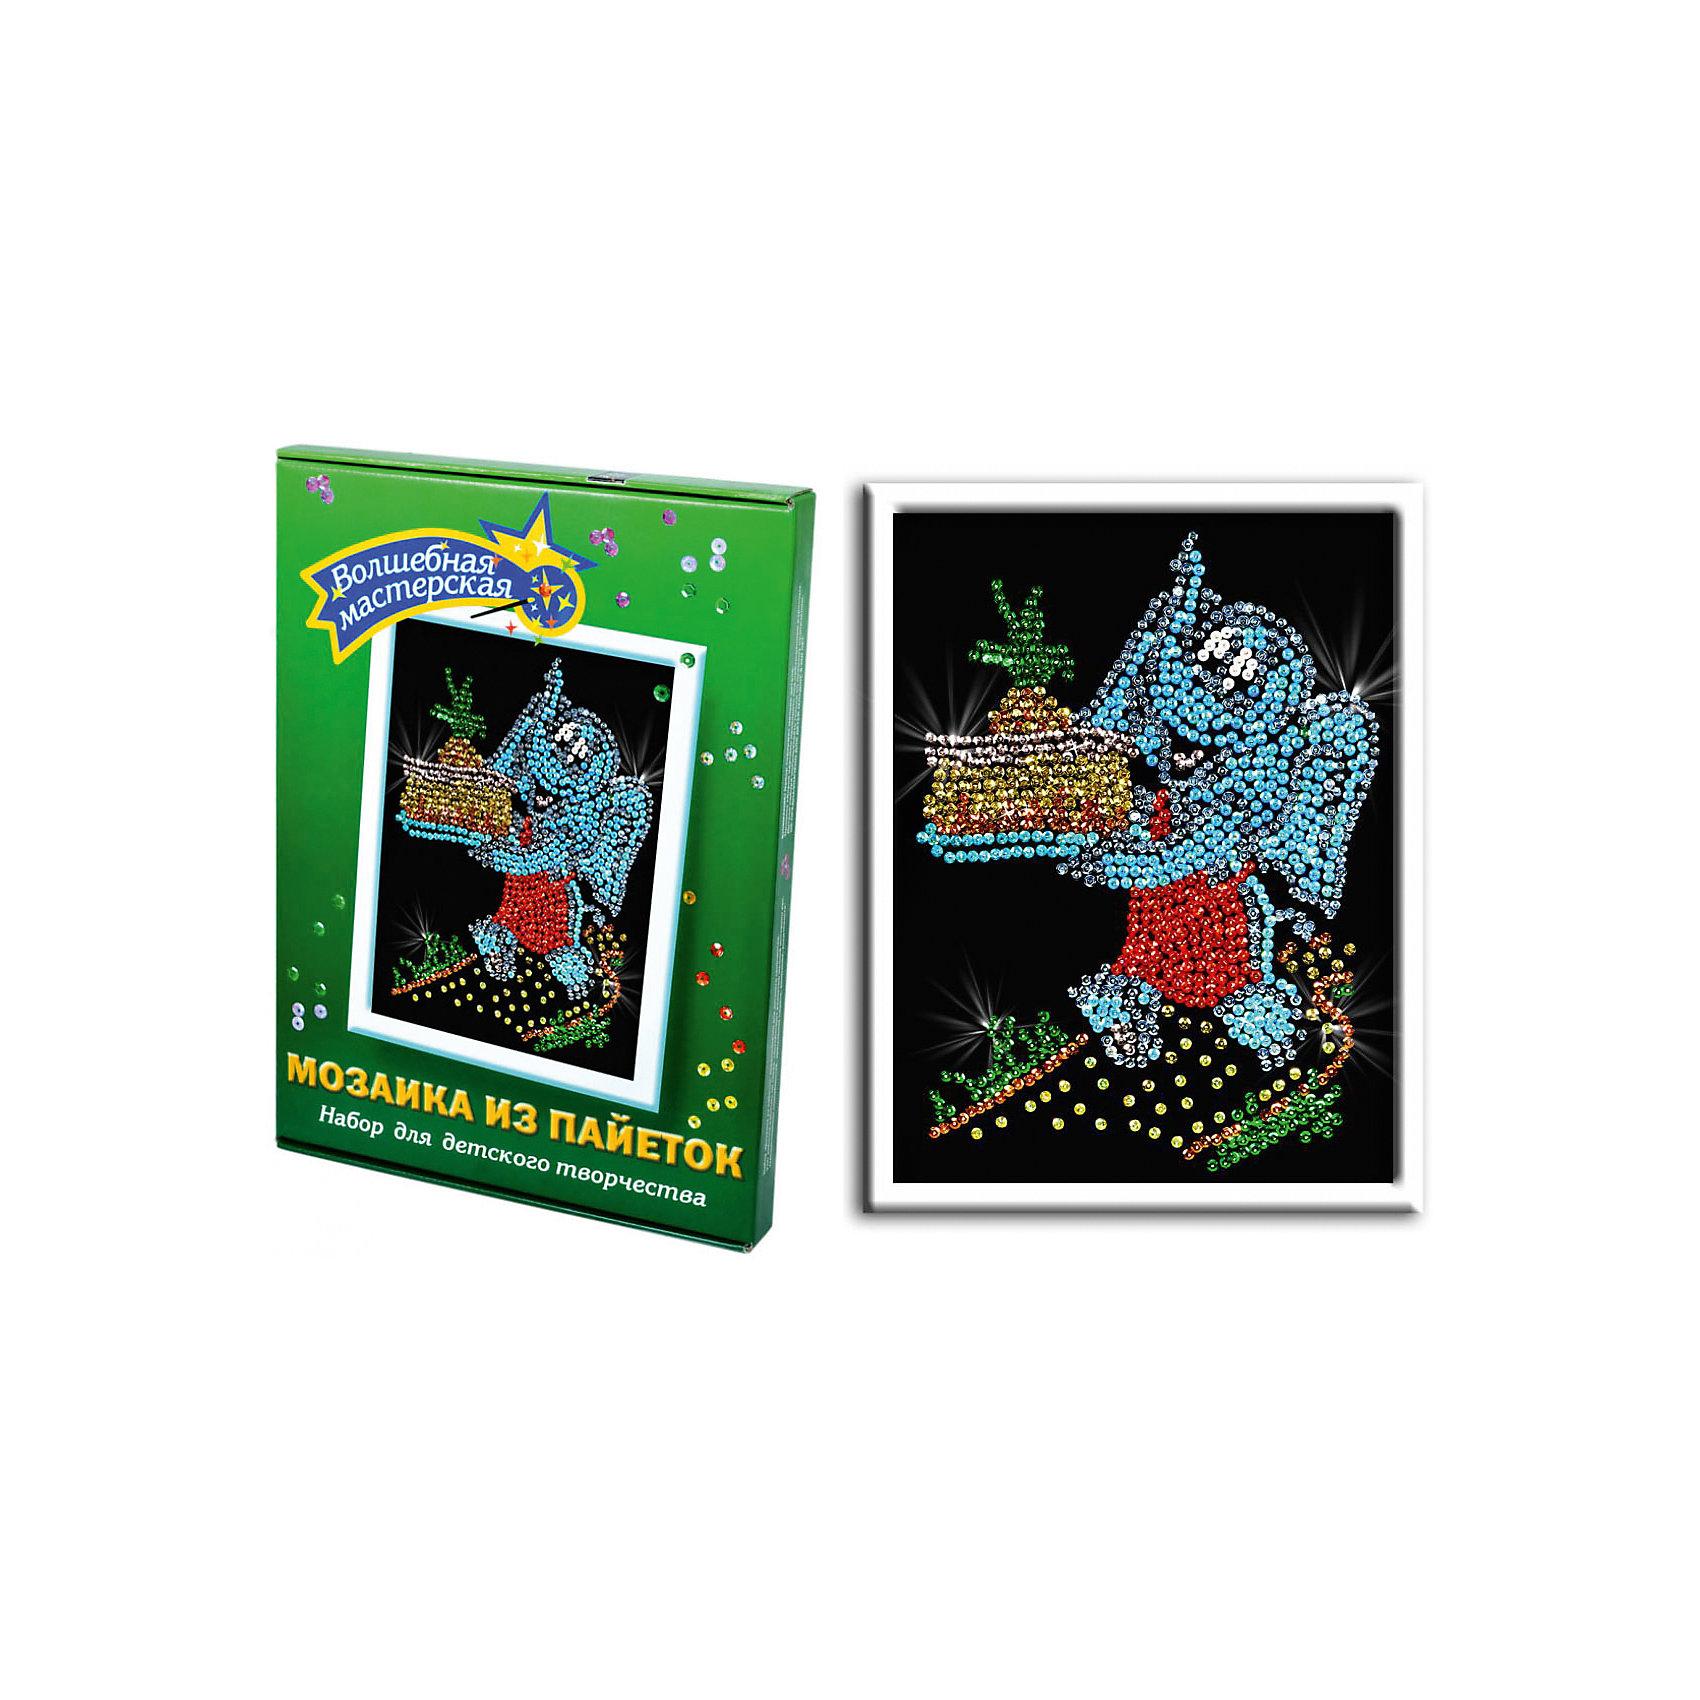 Мозаика из пайеток СлоненокНабор для детского творчества «Мозайка из пайеток» дарит возможность составить рисунок с бабочкой из пайеток. Пайтеки – это блестка, плоская чешуйка из блестящего материала, обычно круглой или многогранной формы и с отверстием для продевания нитки. Пайетка может иметь различную окраску. <br>Набор способствует развитию фантазии ребенка, мелкой моторики рук. Тренирует усидчивость и терпение, так как приходится работать с достаточно мелкими деталями. Подойдет как для домашних занятий творчеством так и для школьных.<br><br>Ширина мм: 375<br>Глубина мм: 34<br>Высота мм: 277<br>Вес г: 364<br>Возраст от месяцев: 36<br>Возраст до месяцев: 108<br>Пол: Унисекс<br>Возраст: Детский<br>SKU: 5075374